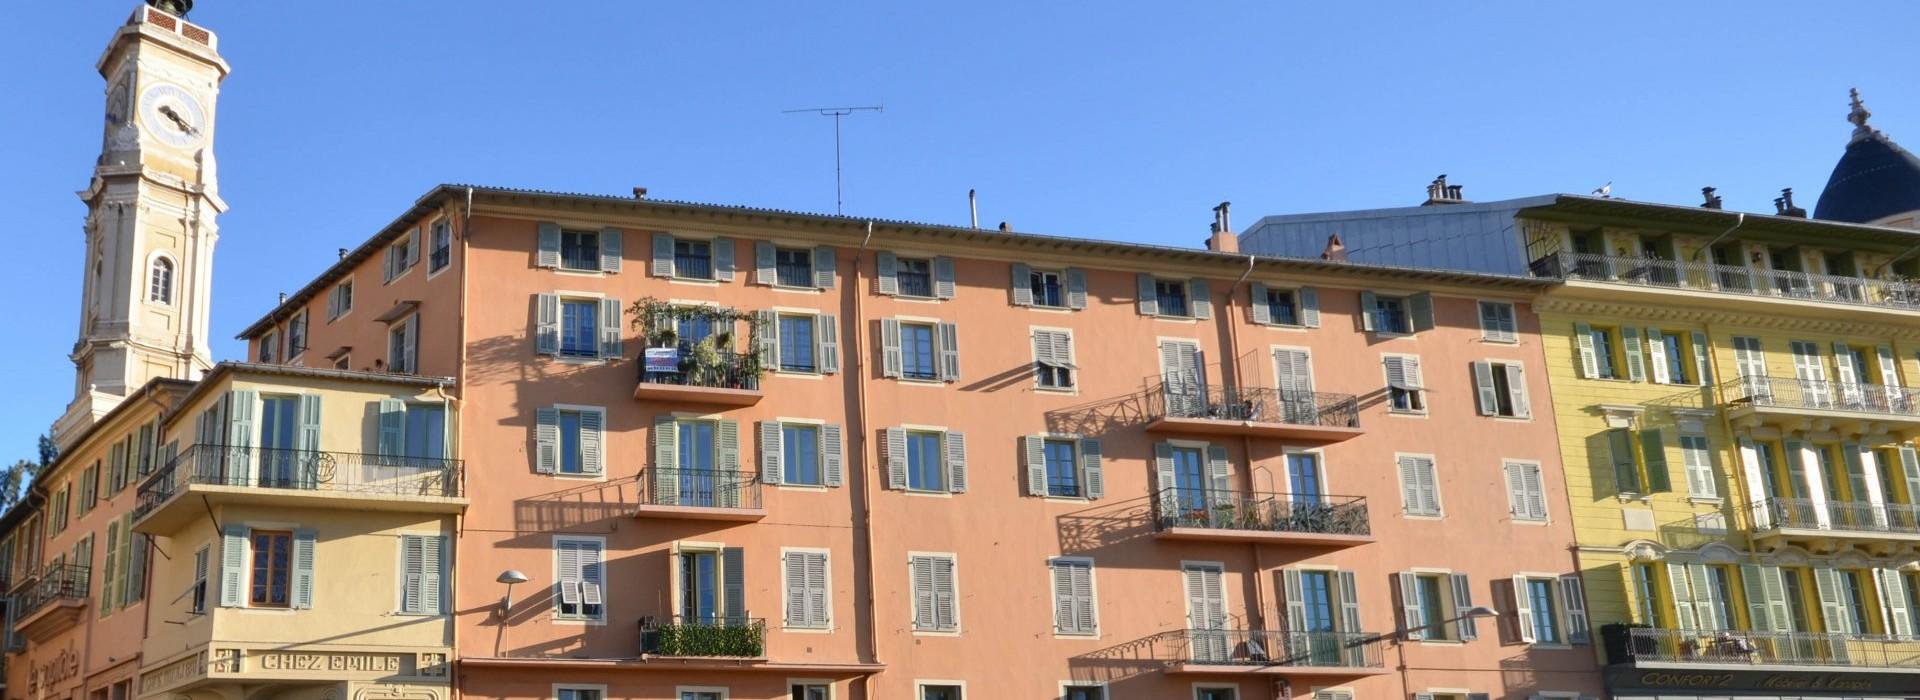 Appartement Nice 2 Pièces 67m2 368,000€